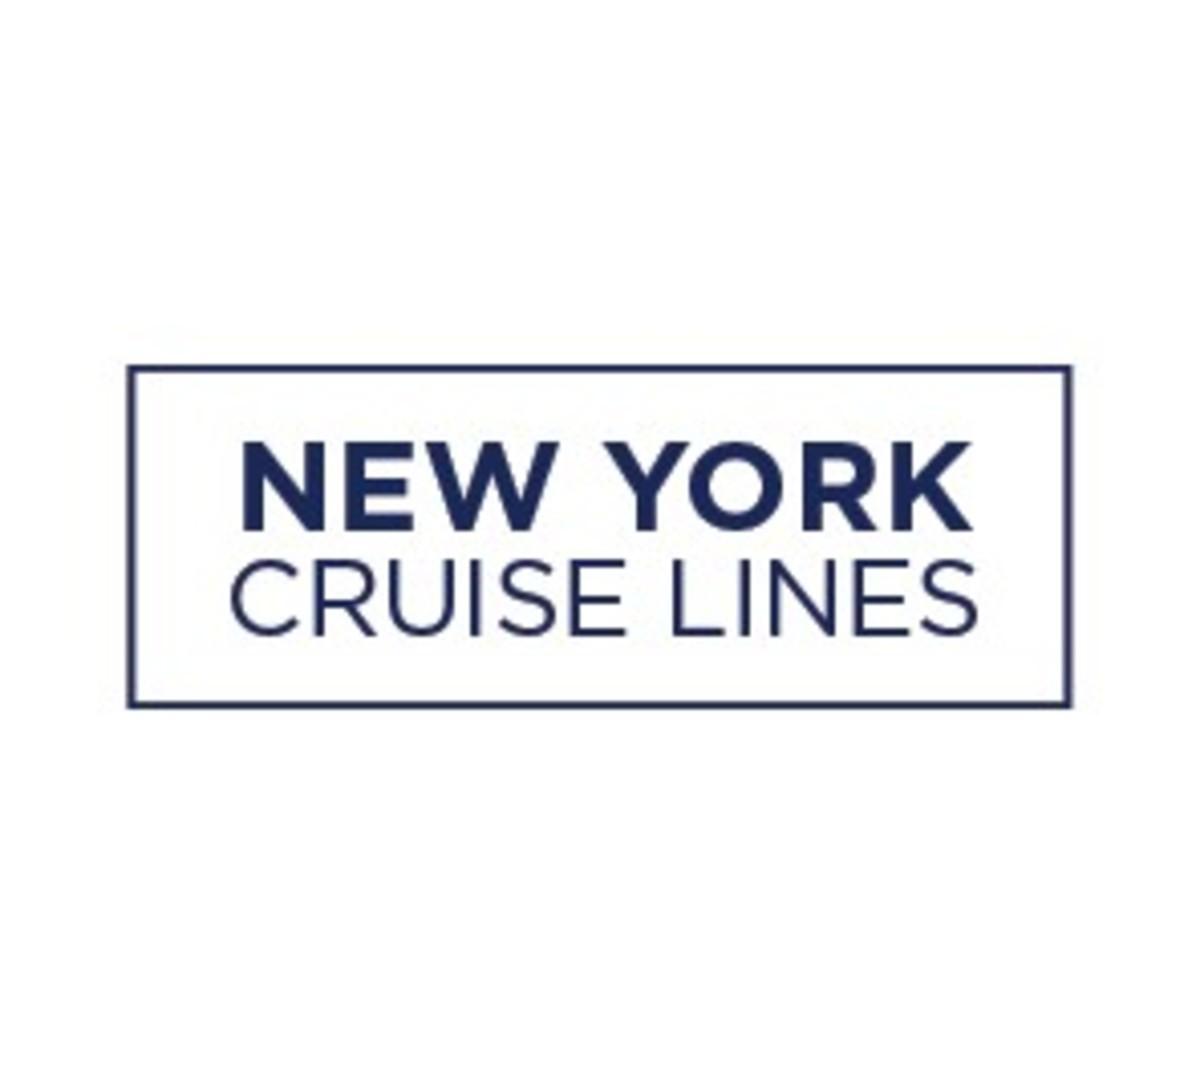 NY cruise lines